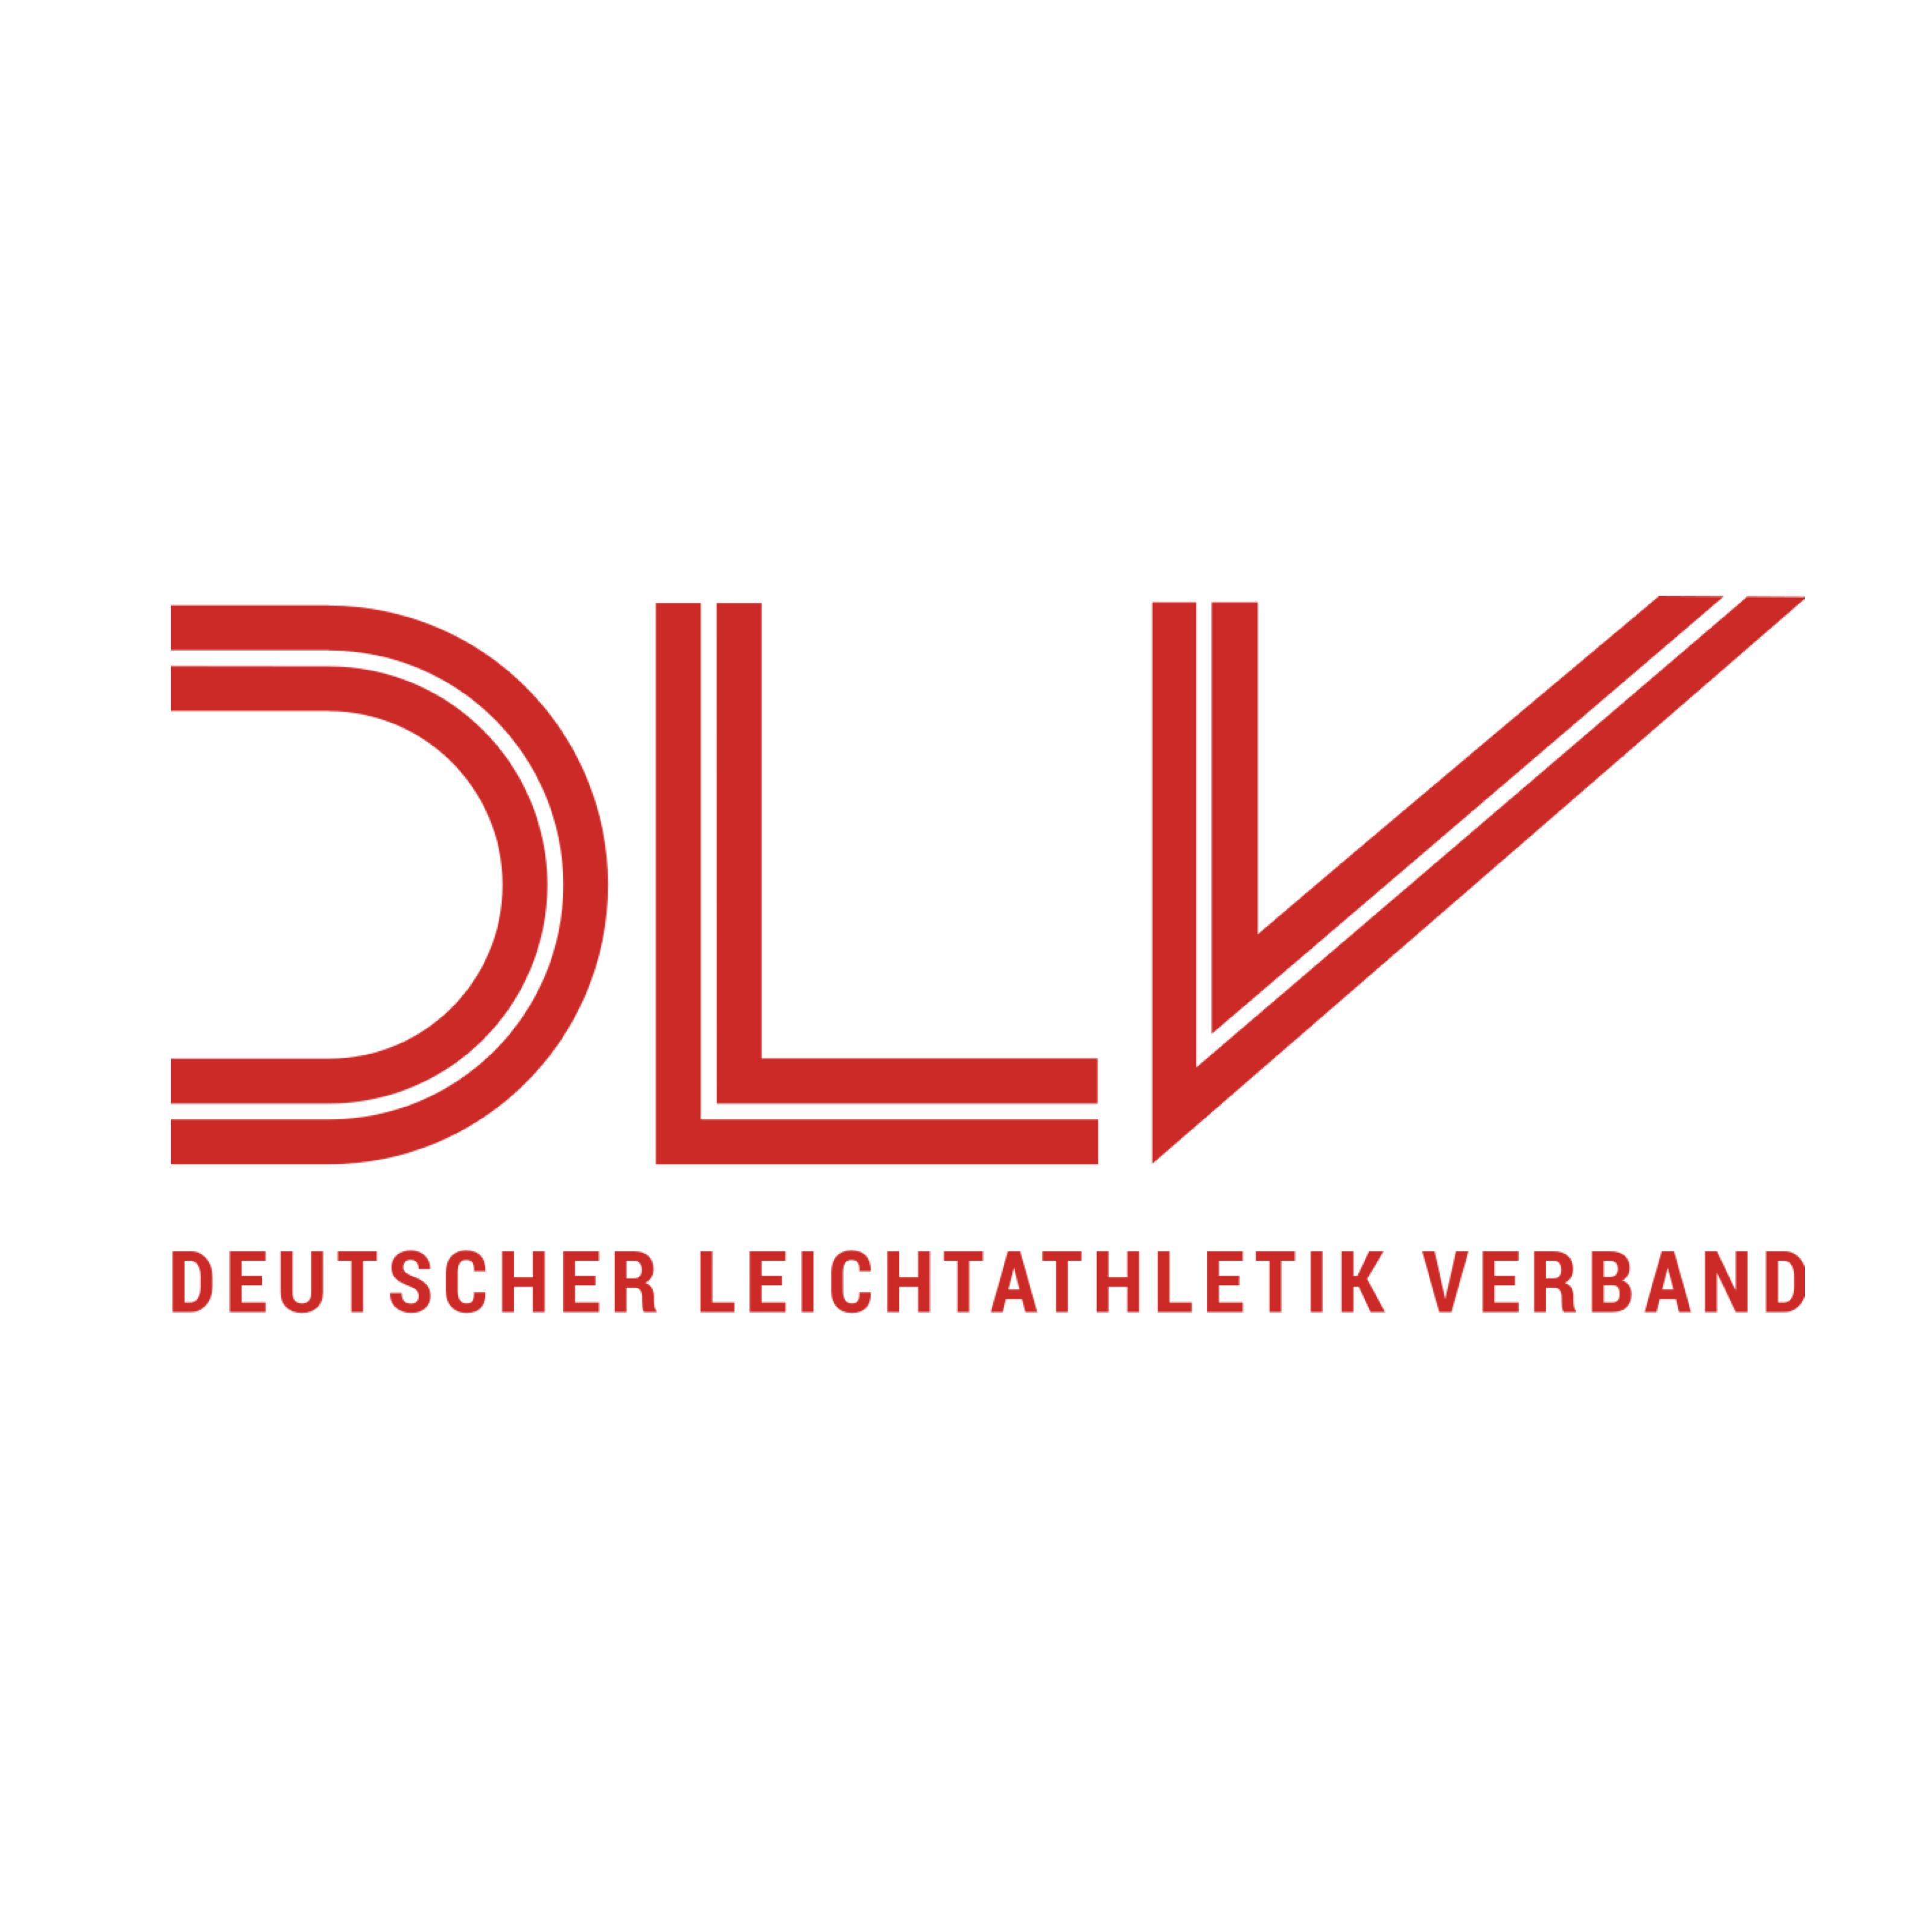 Logo des Deutschen Leichtathletik-Verbandes. Gemeinsame Veranstaltungen mit Live-Audiodeskription sind: Deutsche Hallenmeisterschaften 2019 in Leipzig, Deutsche Meisterschaften 2019 in Berlin, Deutsche Hallenmeisterschaften 2020 in Leipzig. Bildrechte: Deutscher Leichtathletik-Verband.